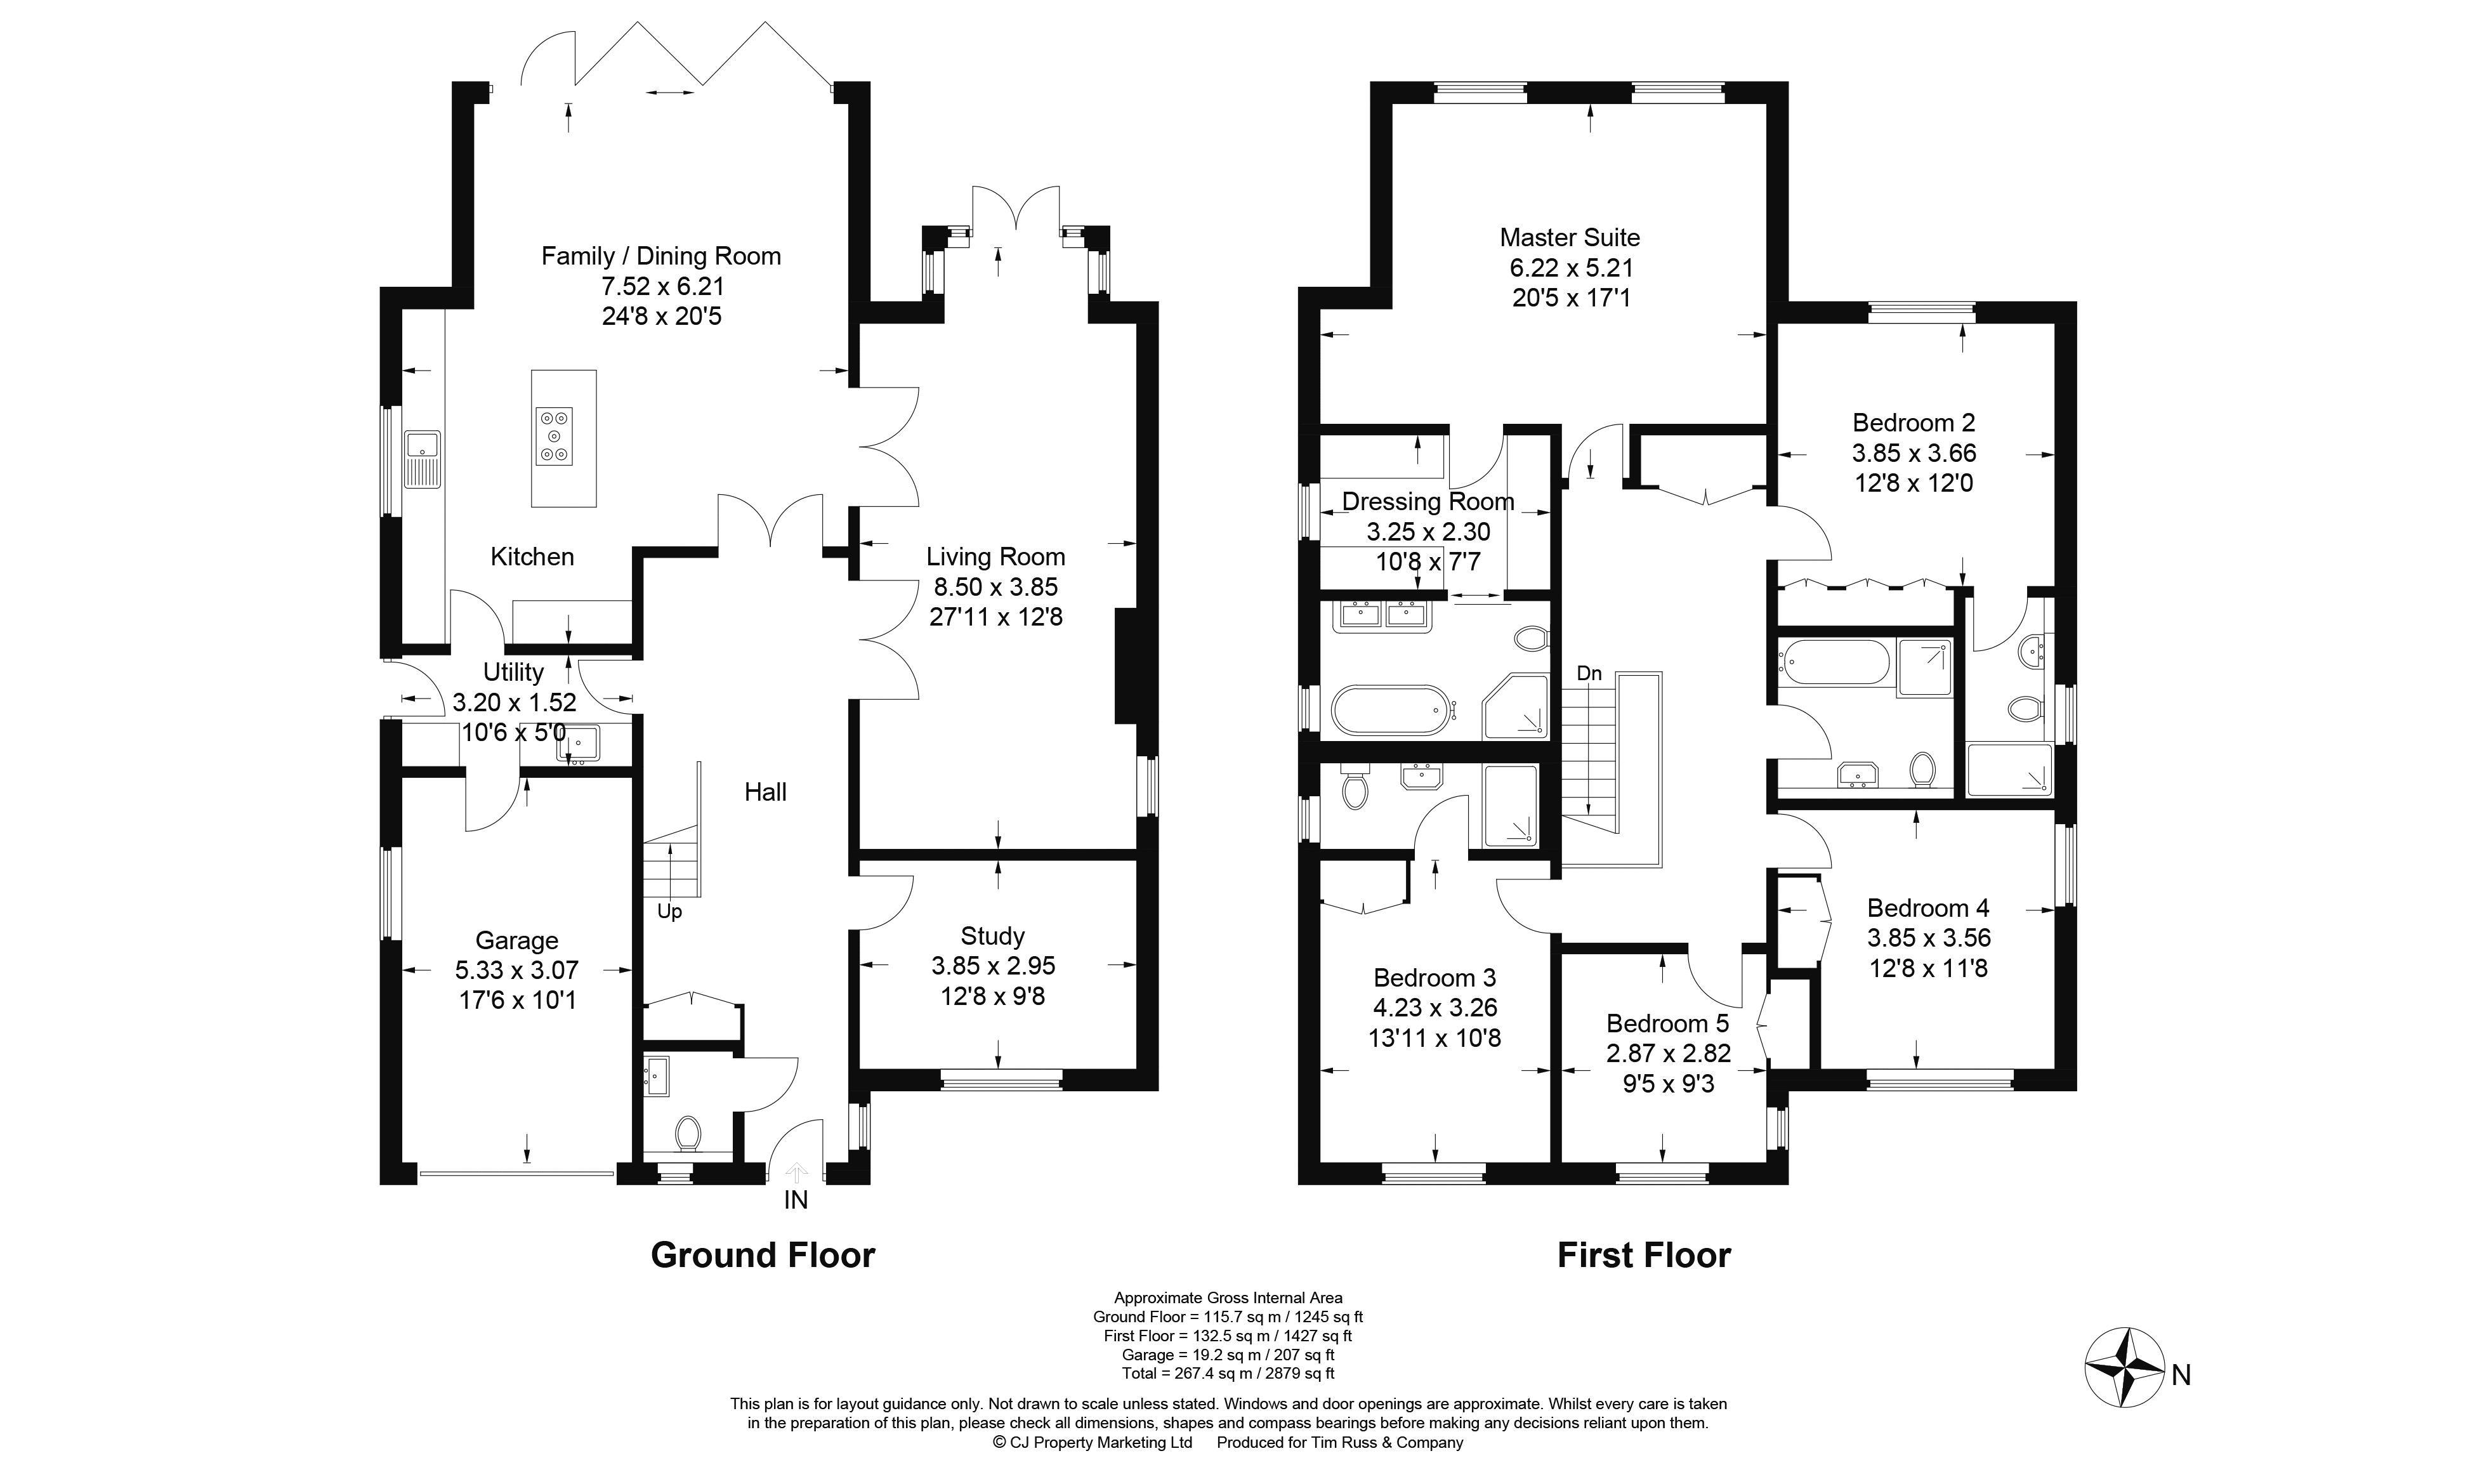 Netherwood Road, Beaconsfield HP9, 5 bedroom detached